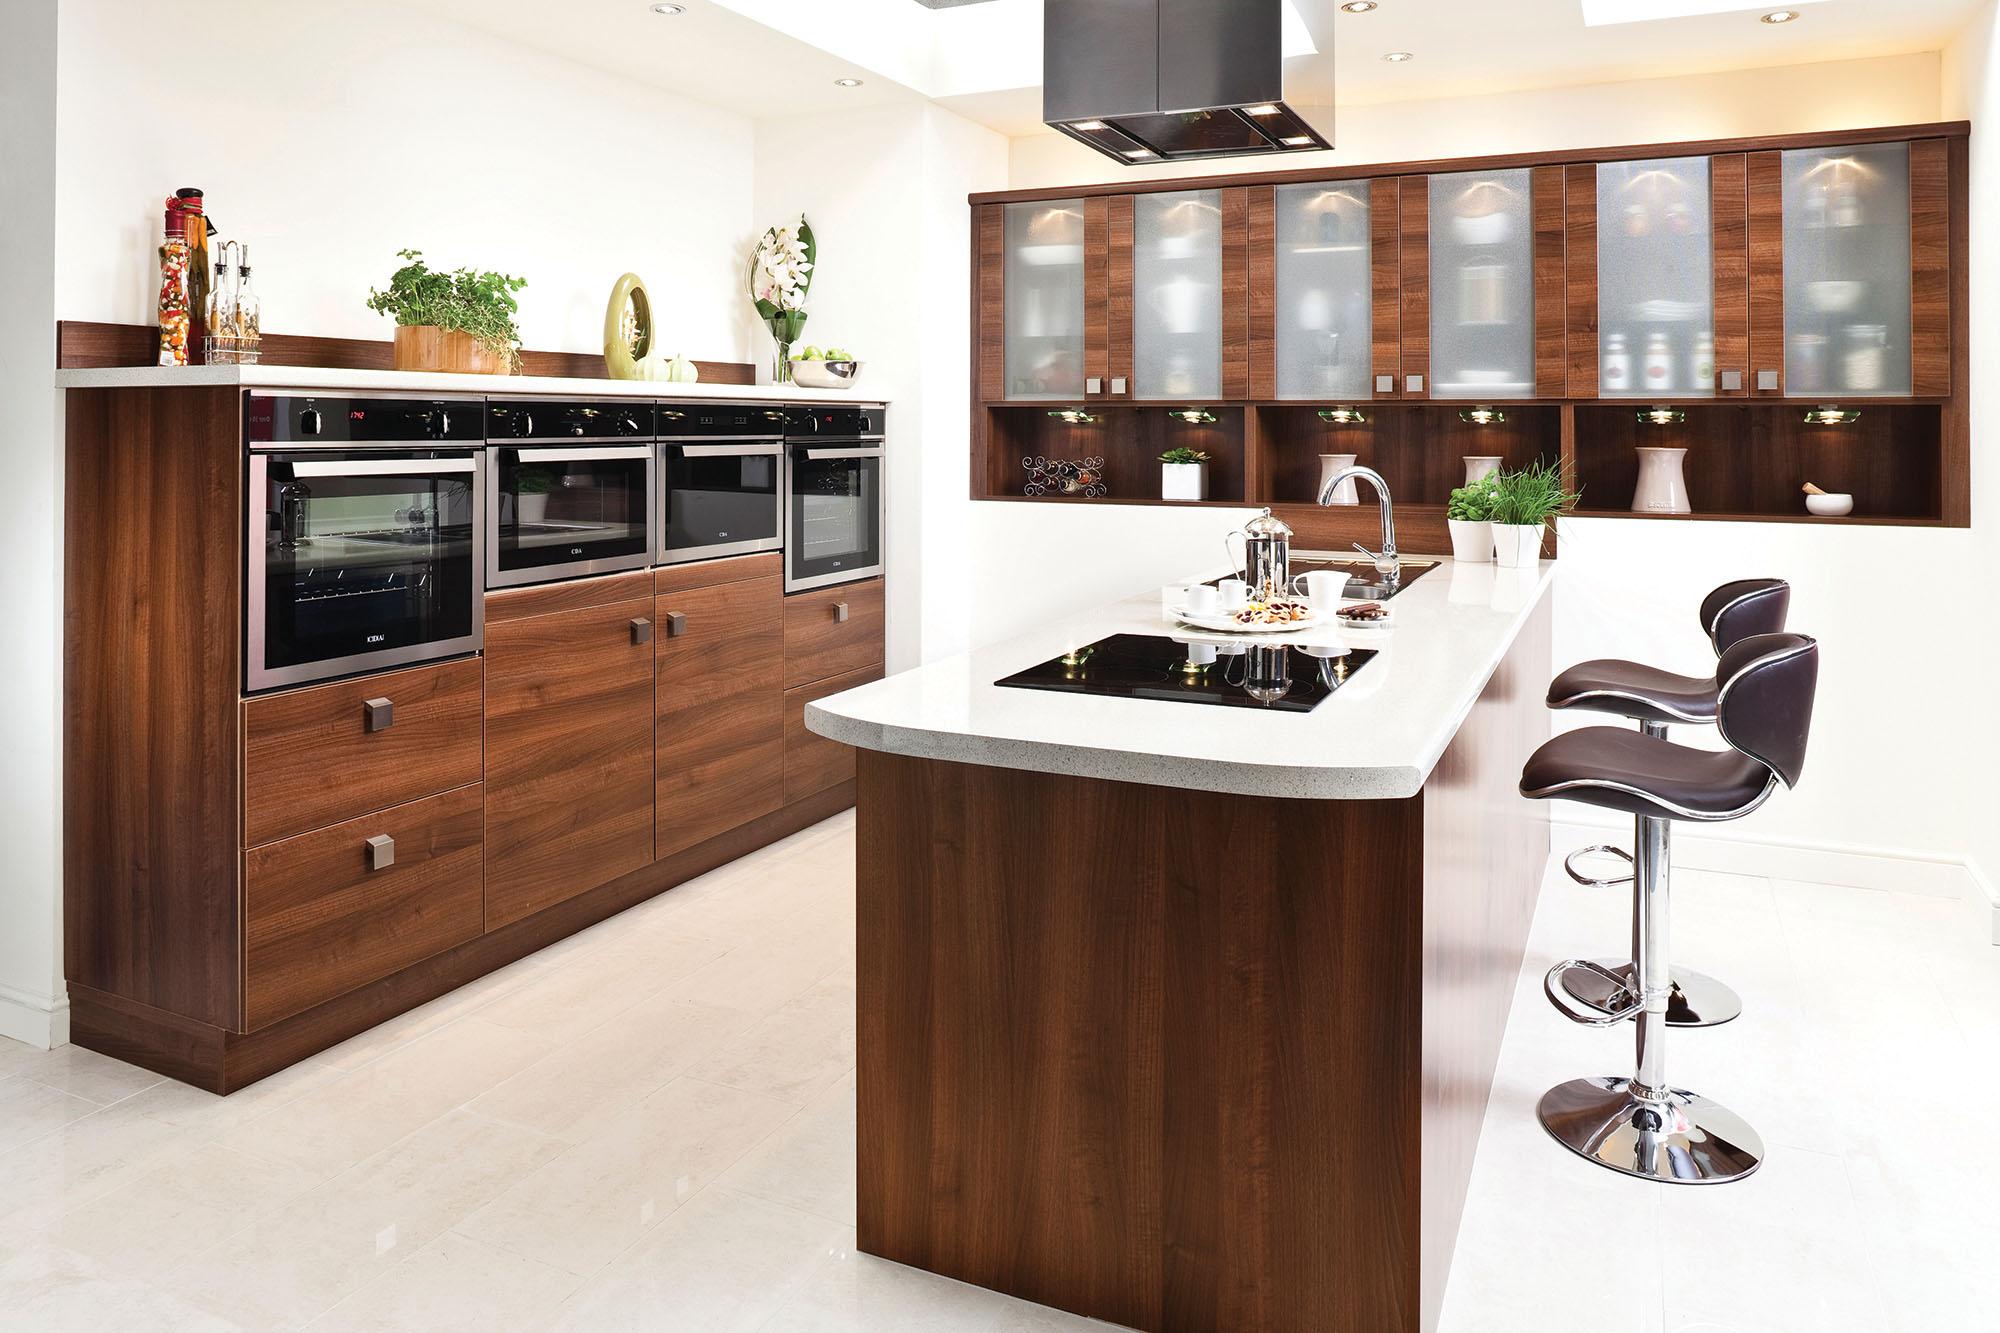 Мраморные столешницы для интерьера кухни - Фото 36